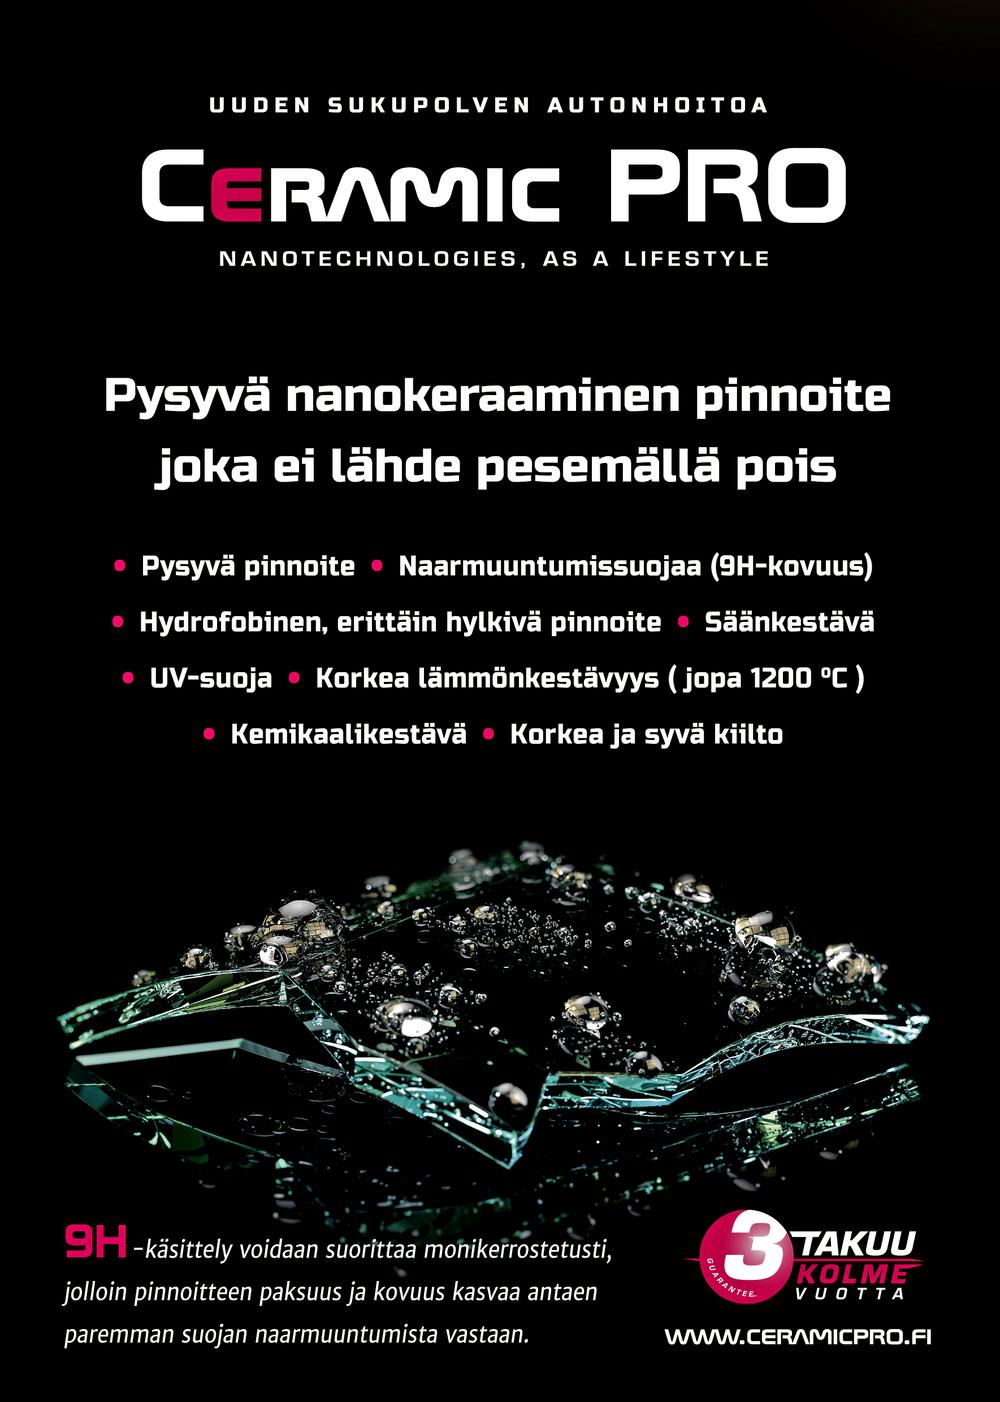 Ceramic Pro Etusivu 1.png